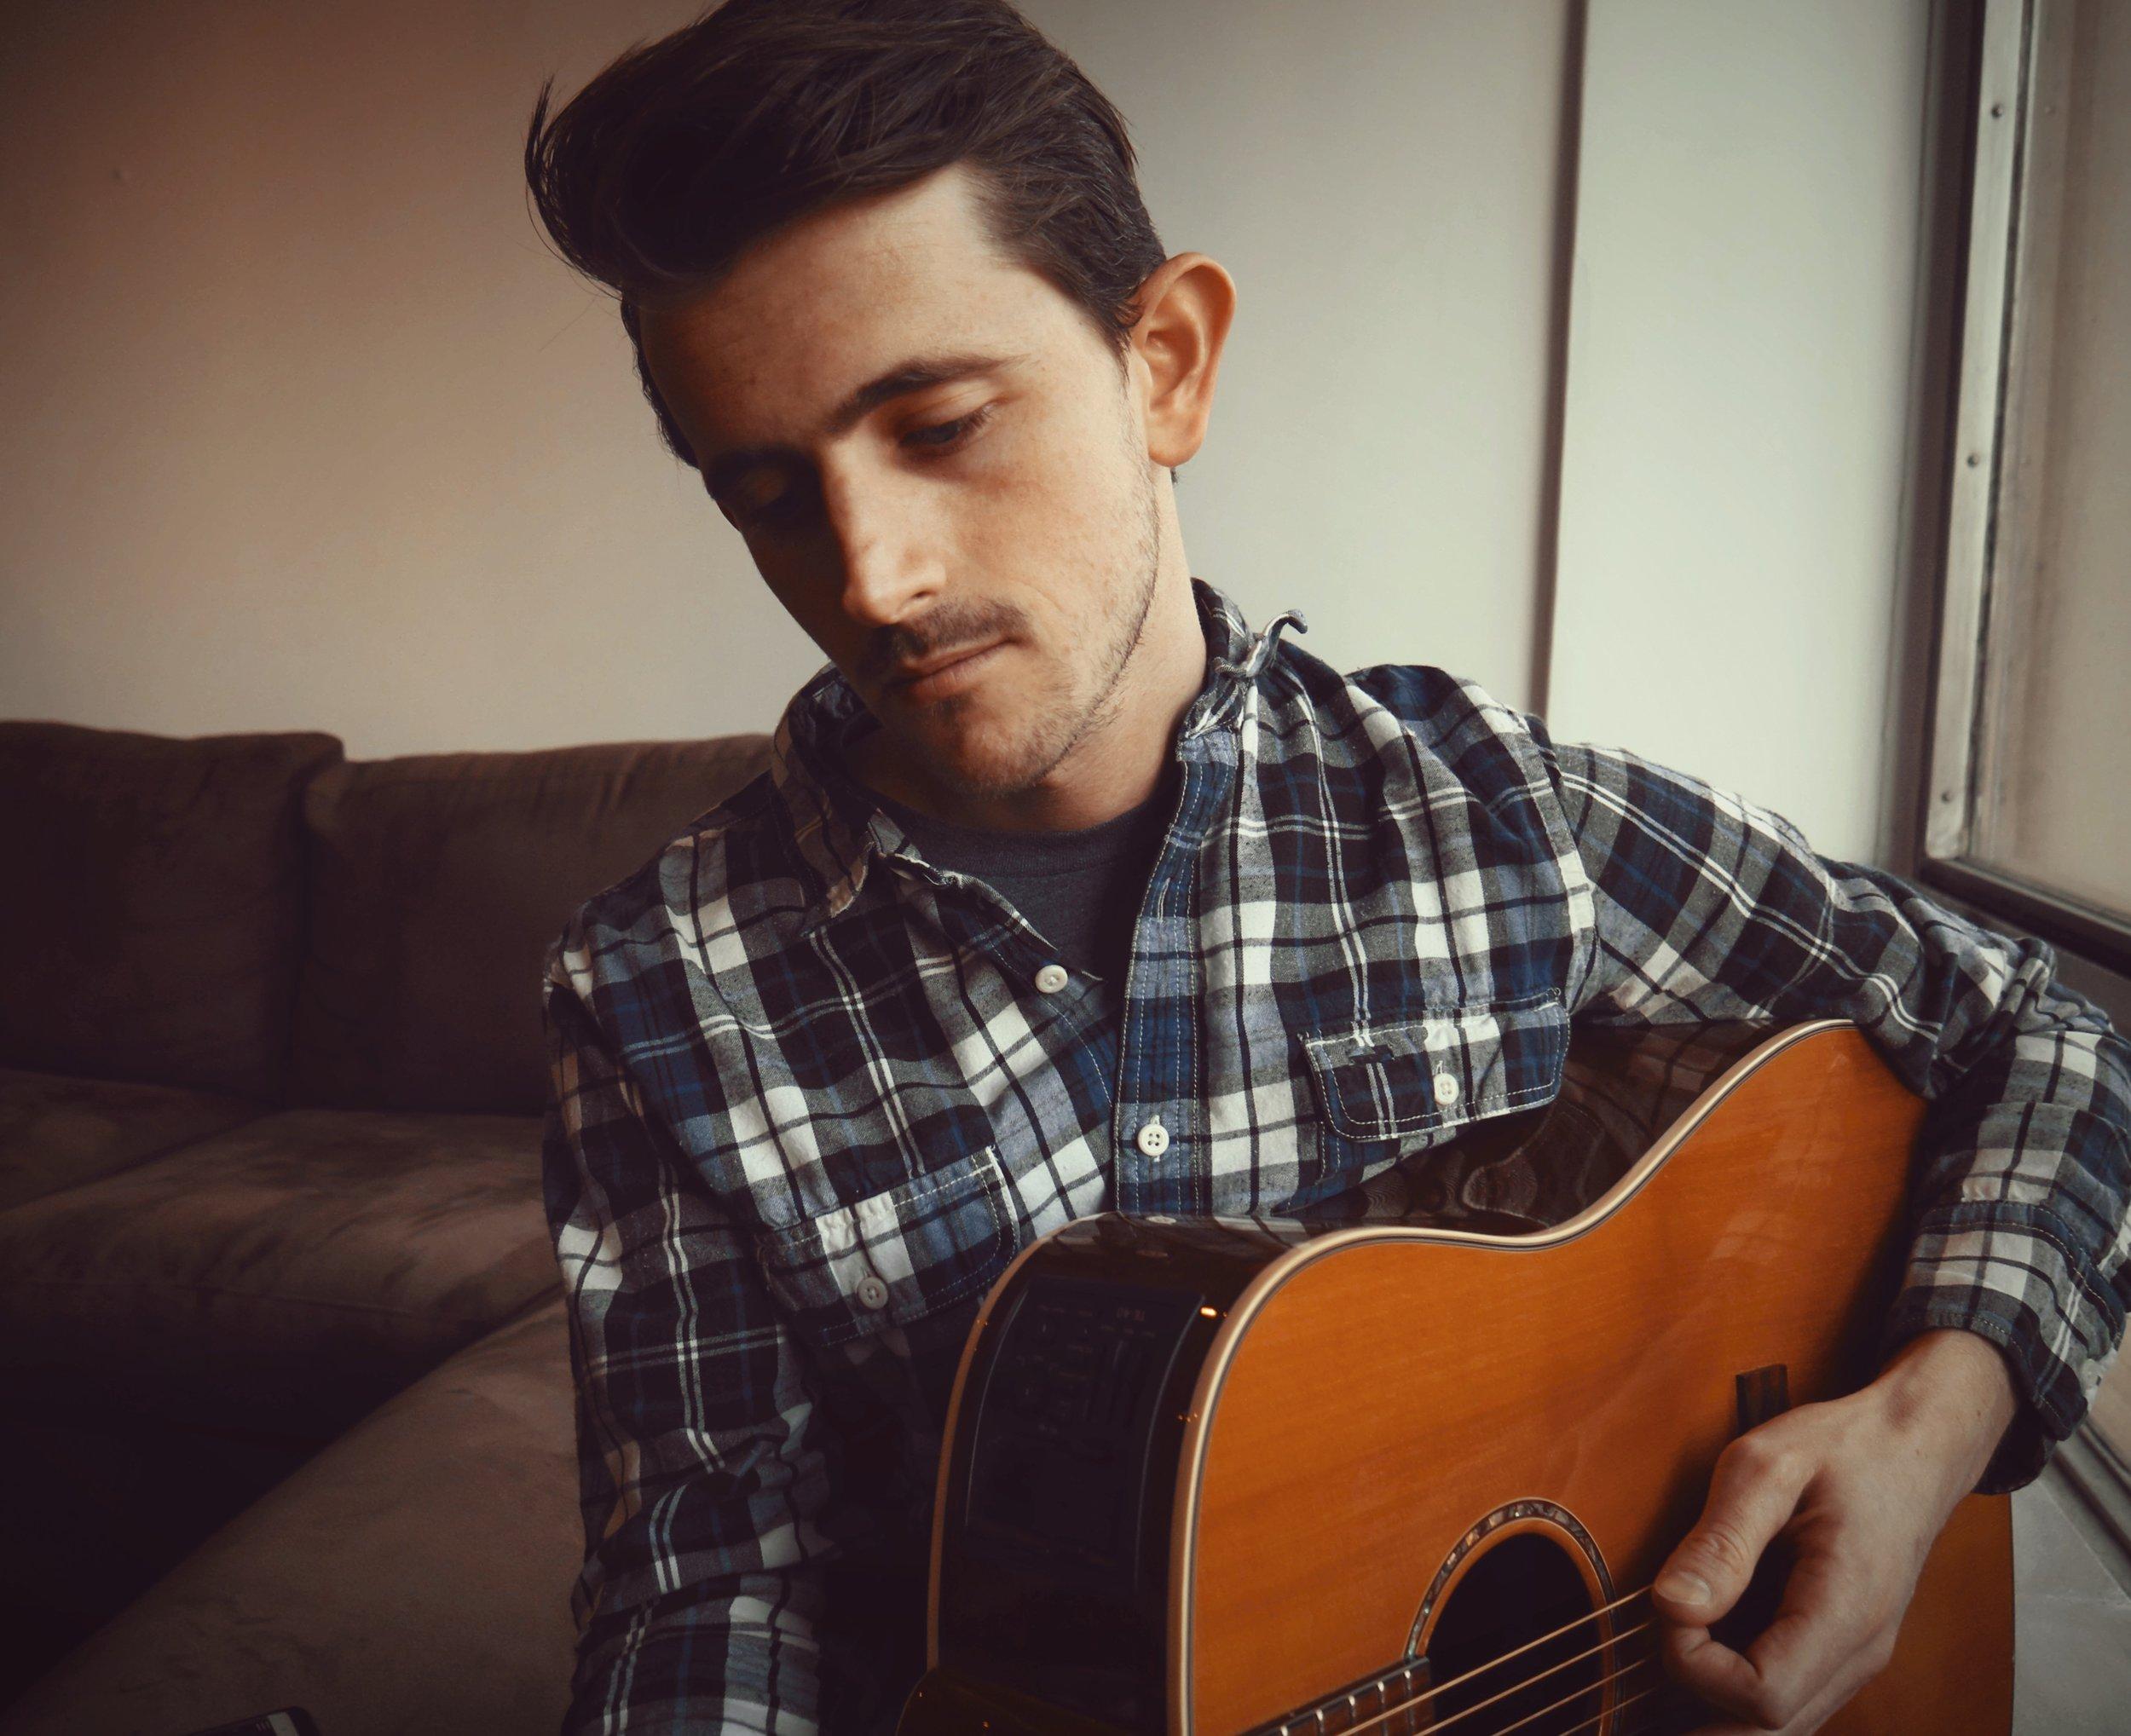 acoustic-fotoredit.jpg